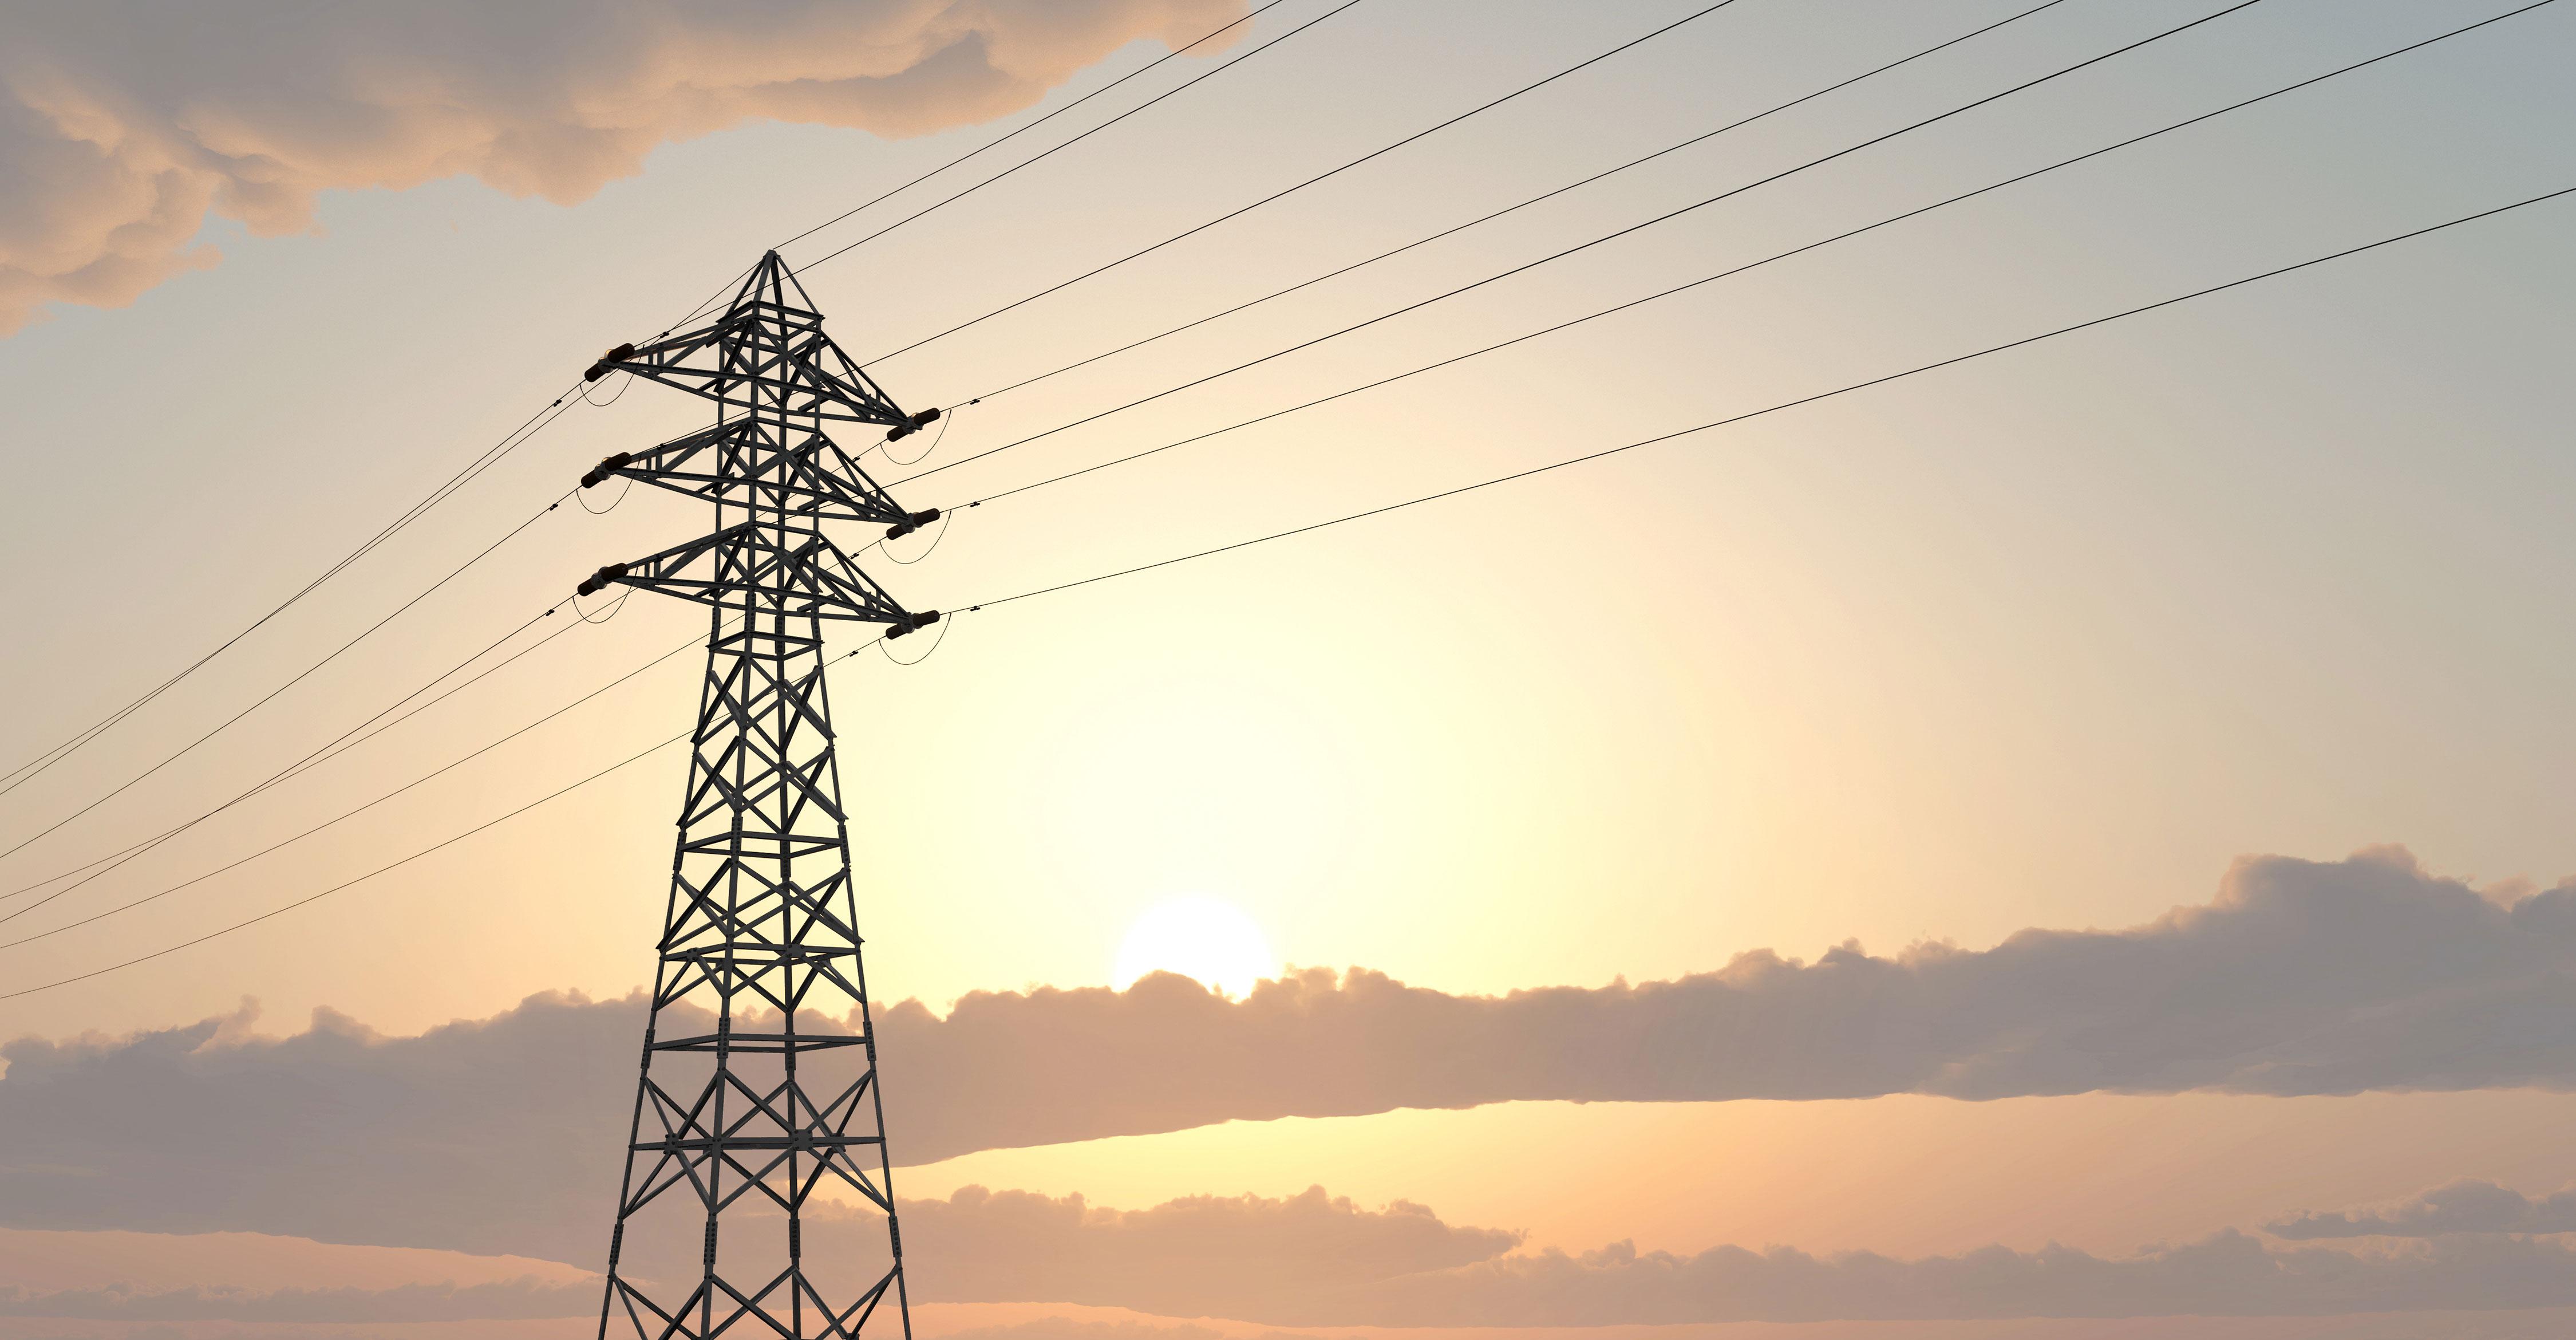 Einzelner Strommast in der Abendsonne